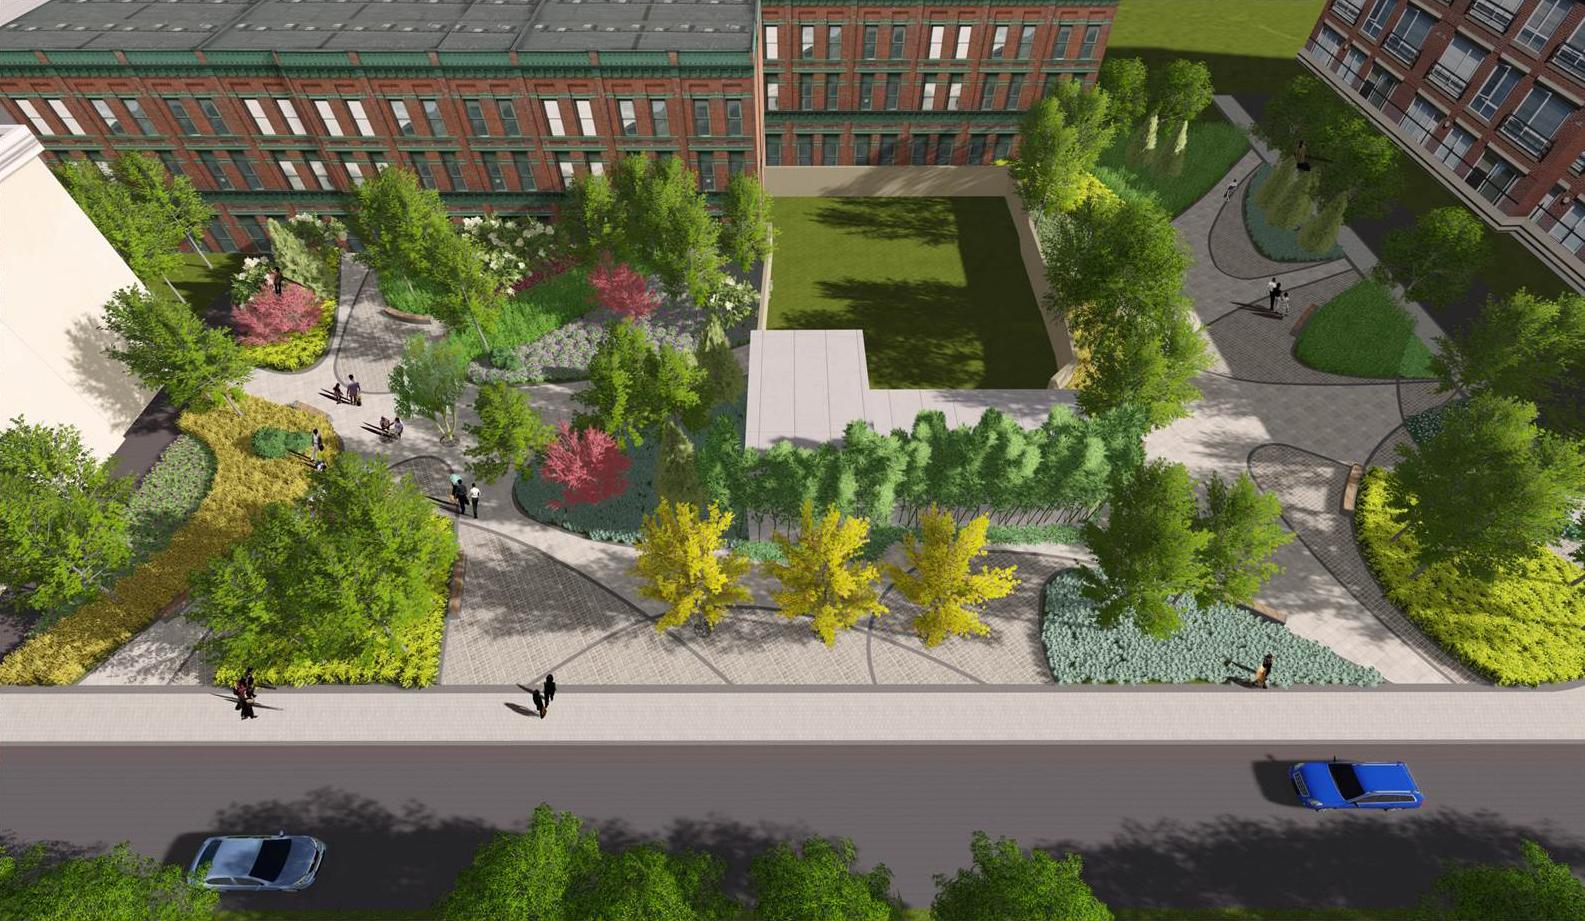 校园生态建筑景观_满足教学楼,宿舍楼,运动场地等功能建筑的交通联系.